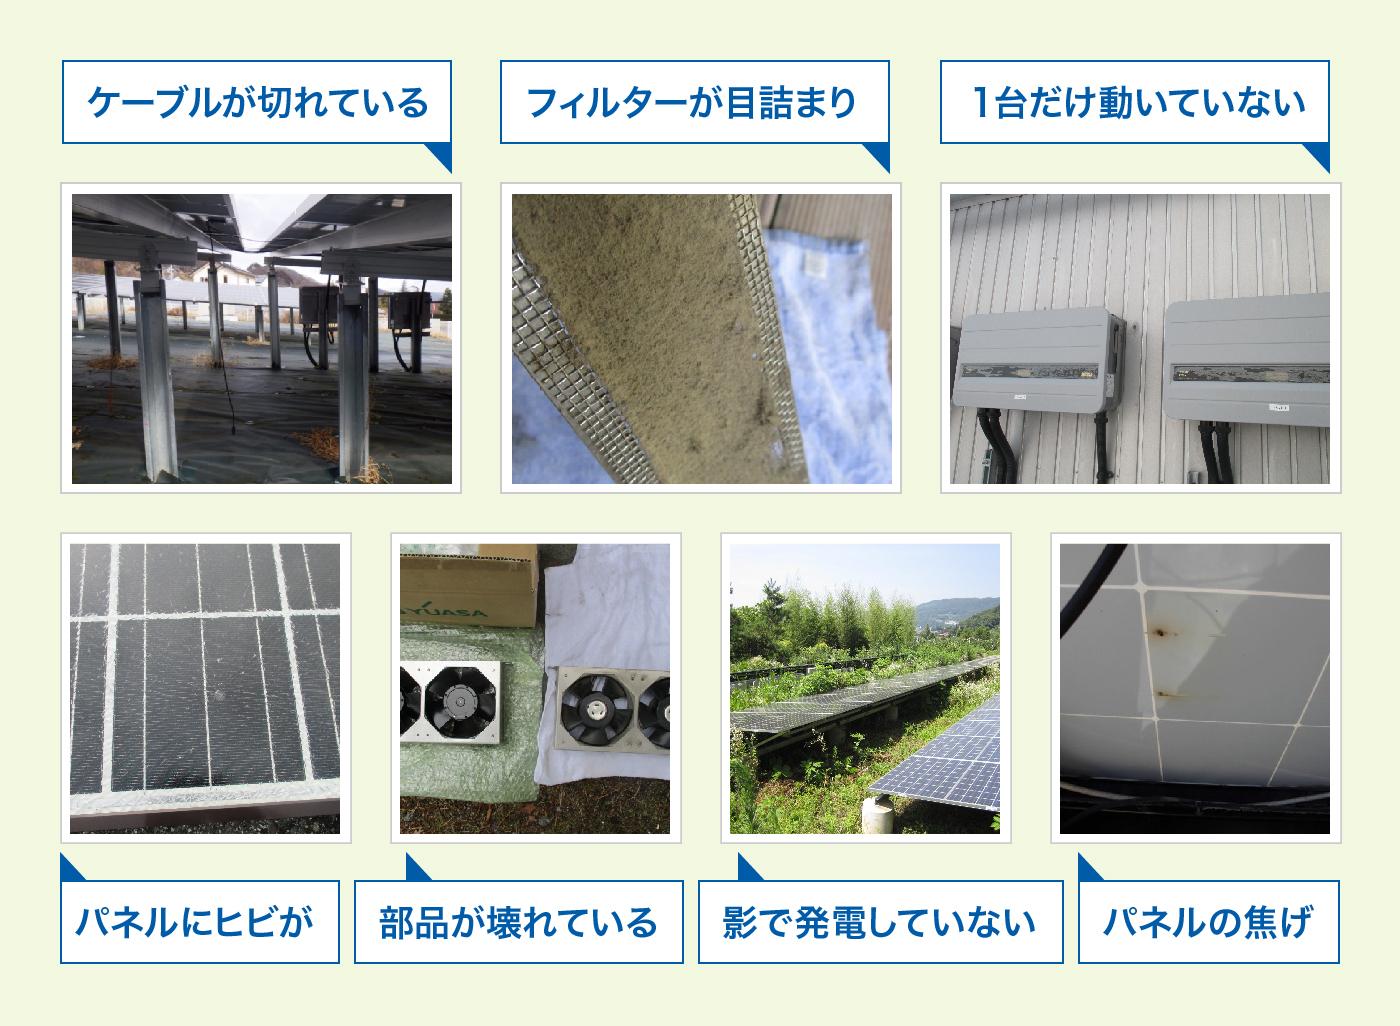 太陽光発電設備のトラブル図で説明